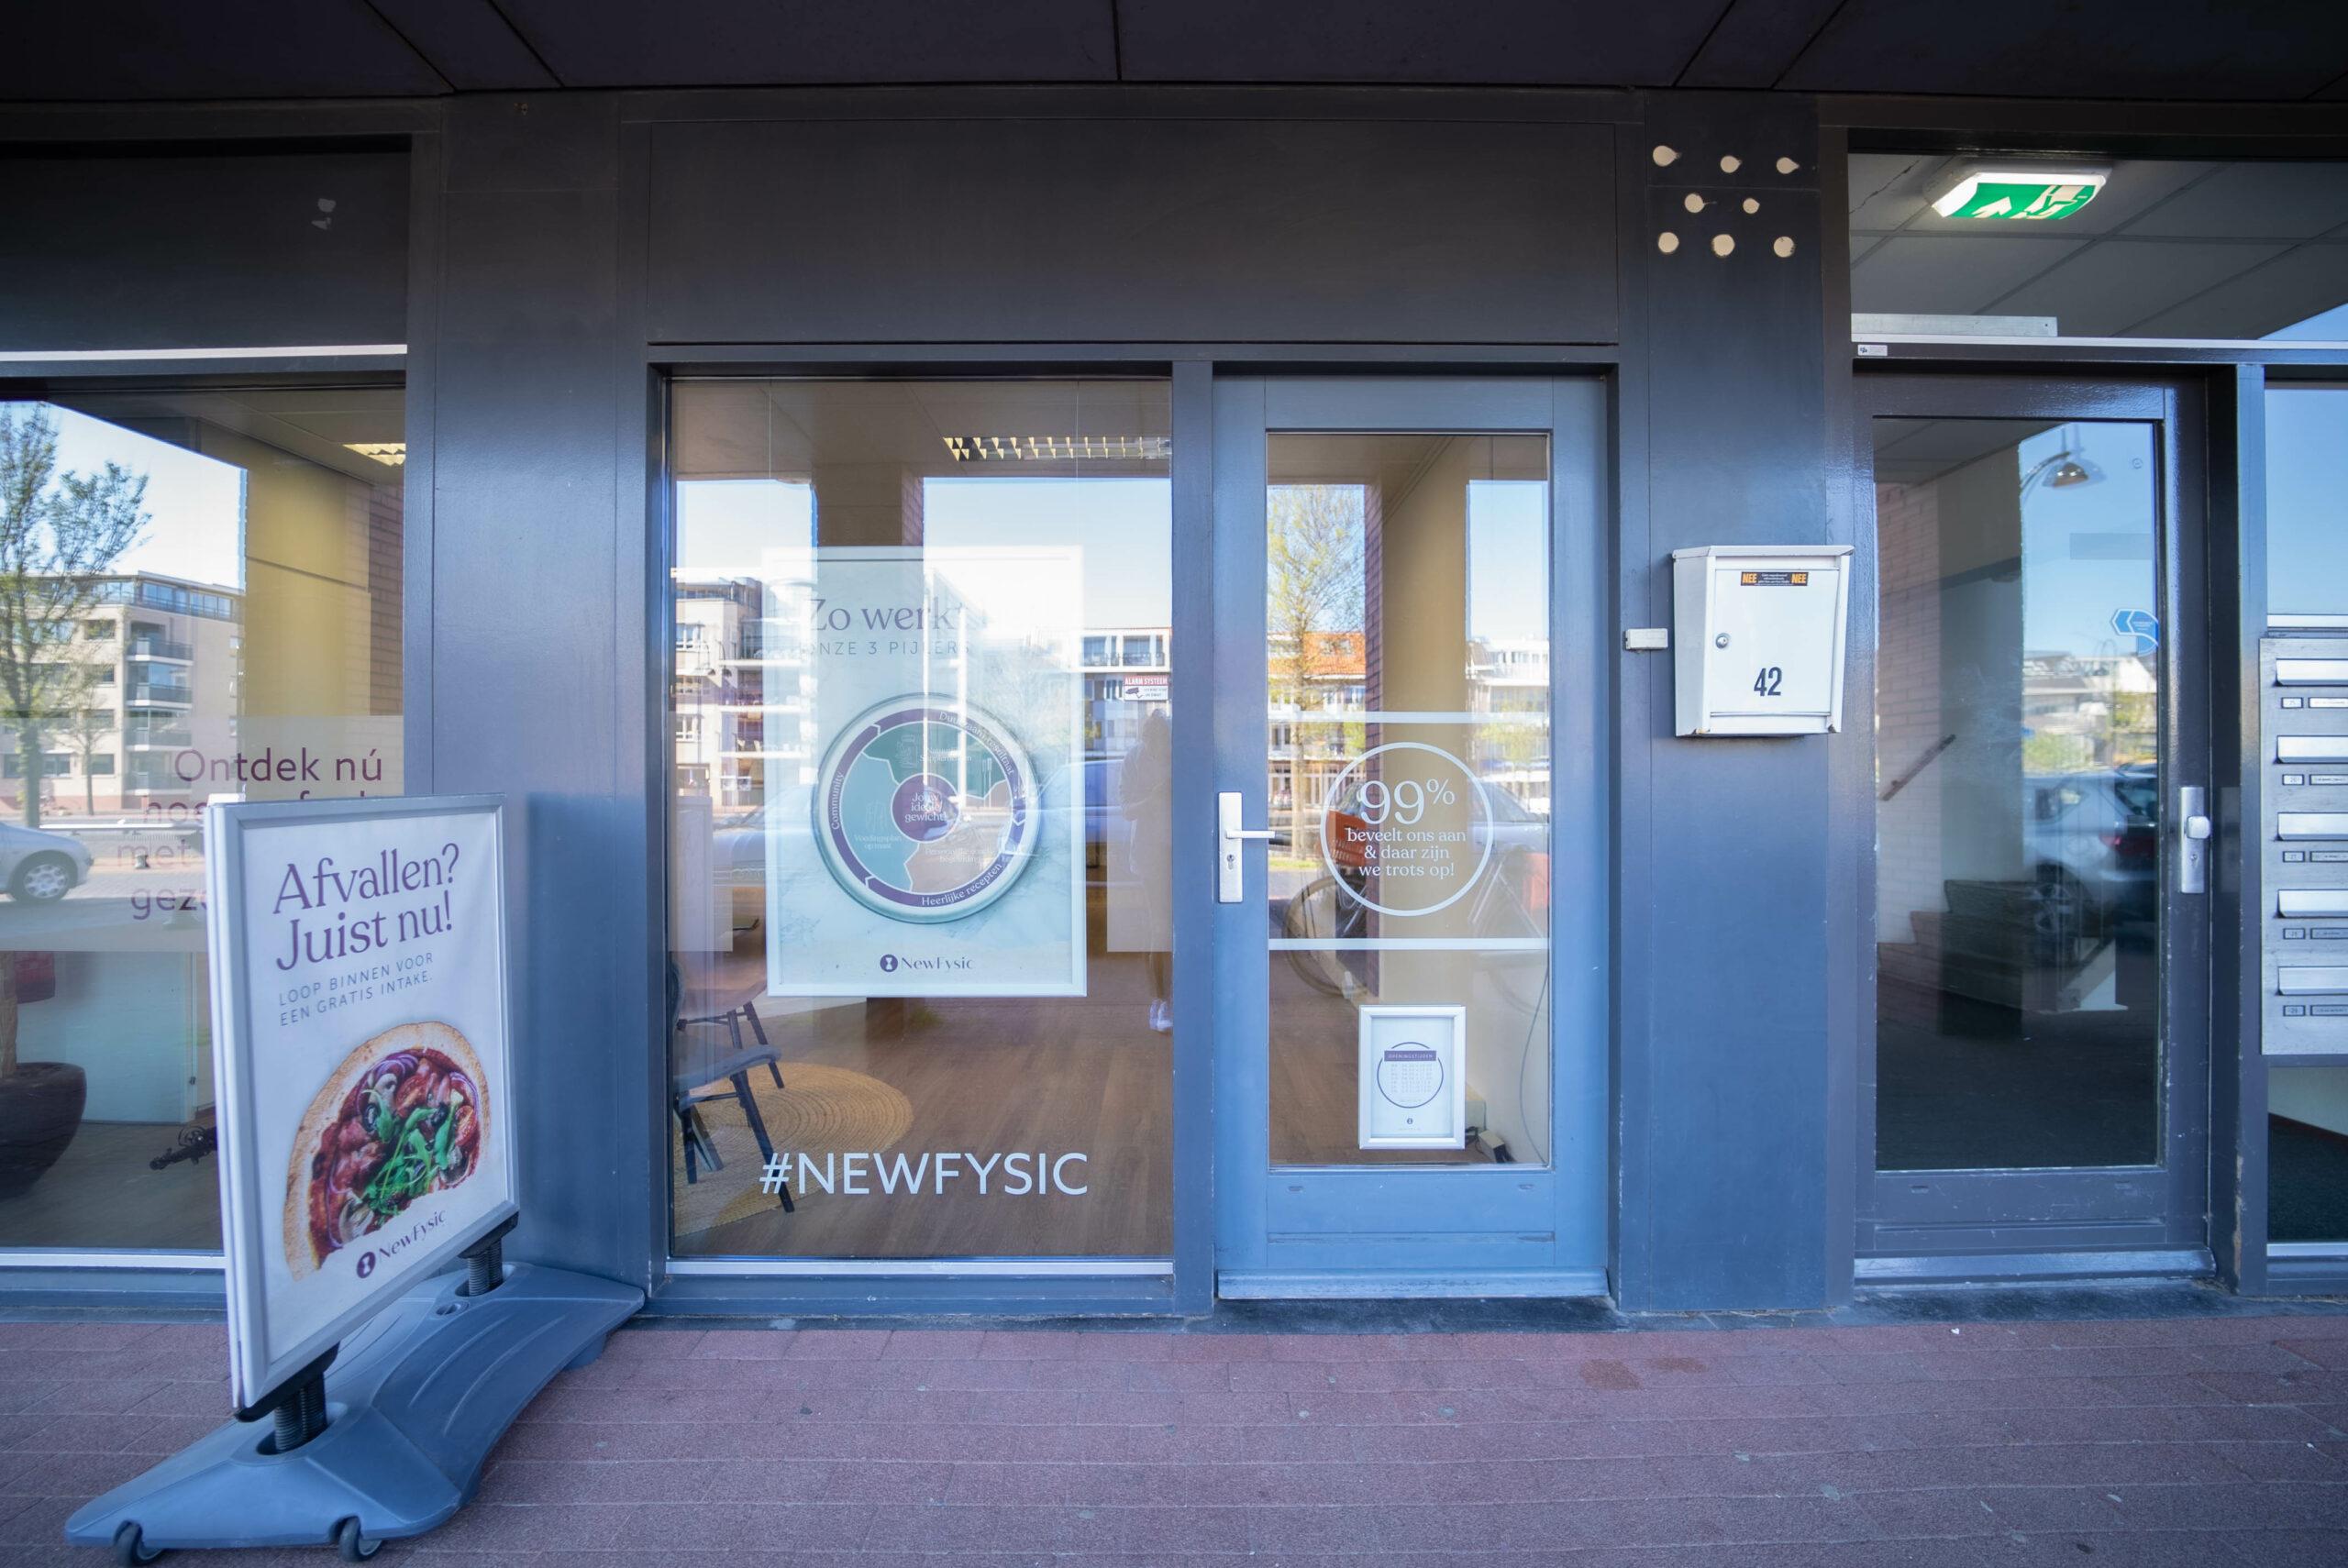 NewFysic Katwijk